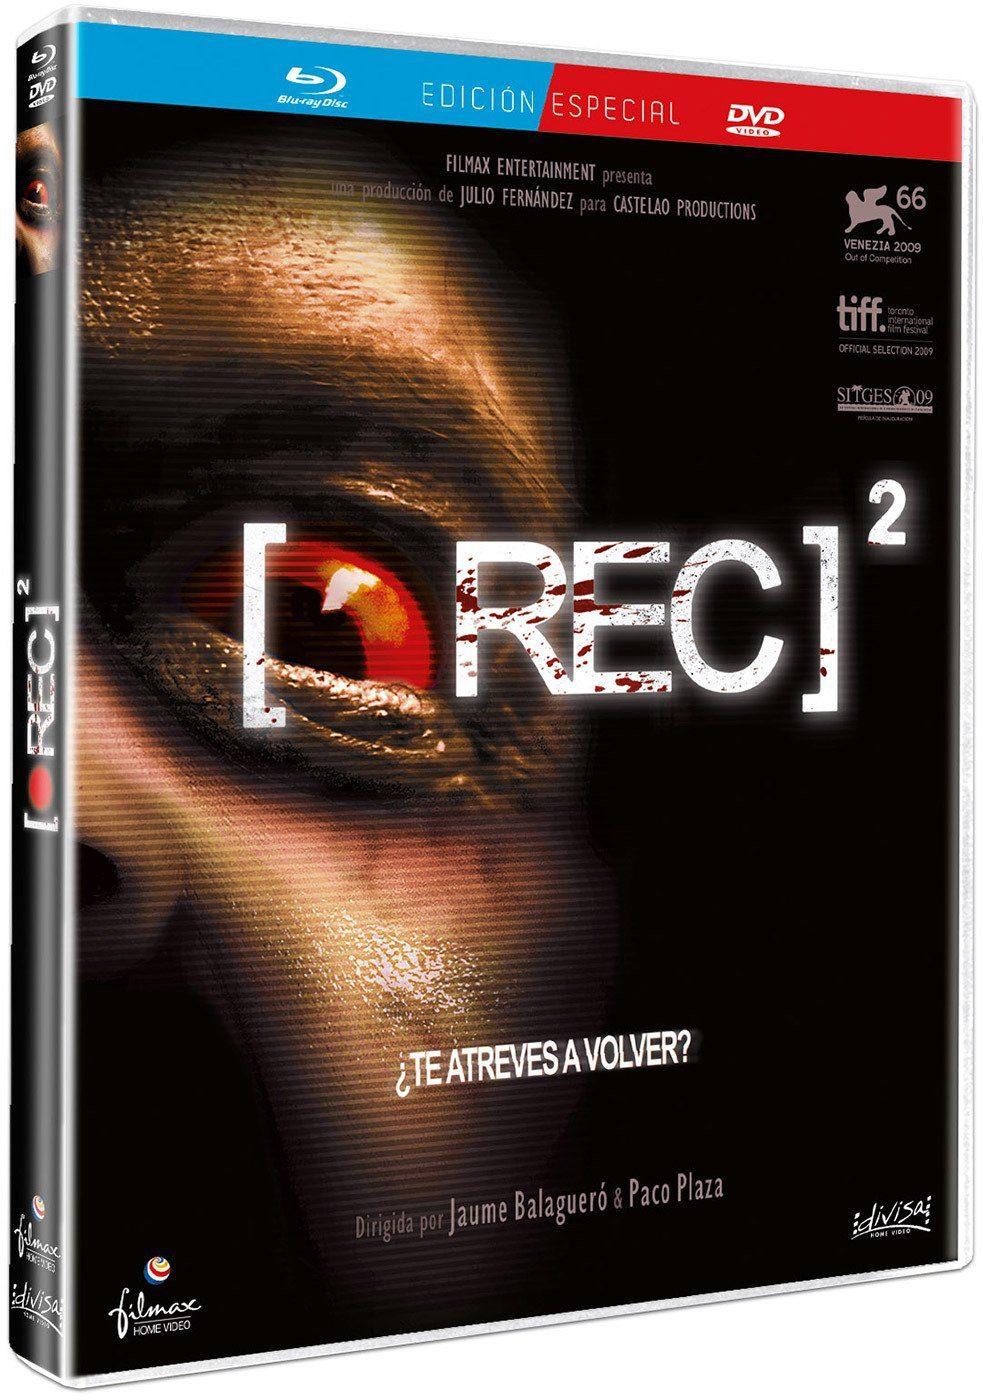 La saga '[REC]' en Blu-ray el 7 de septiembre de la mano de Divisa • En tu pantalla